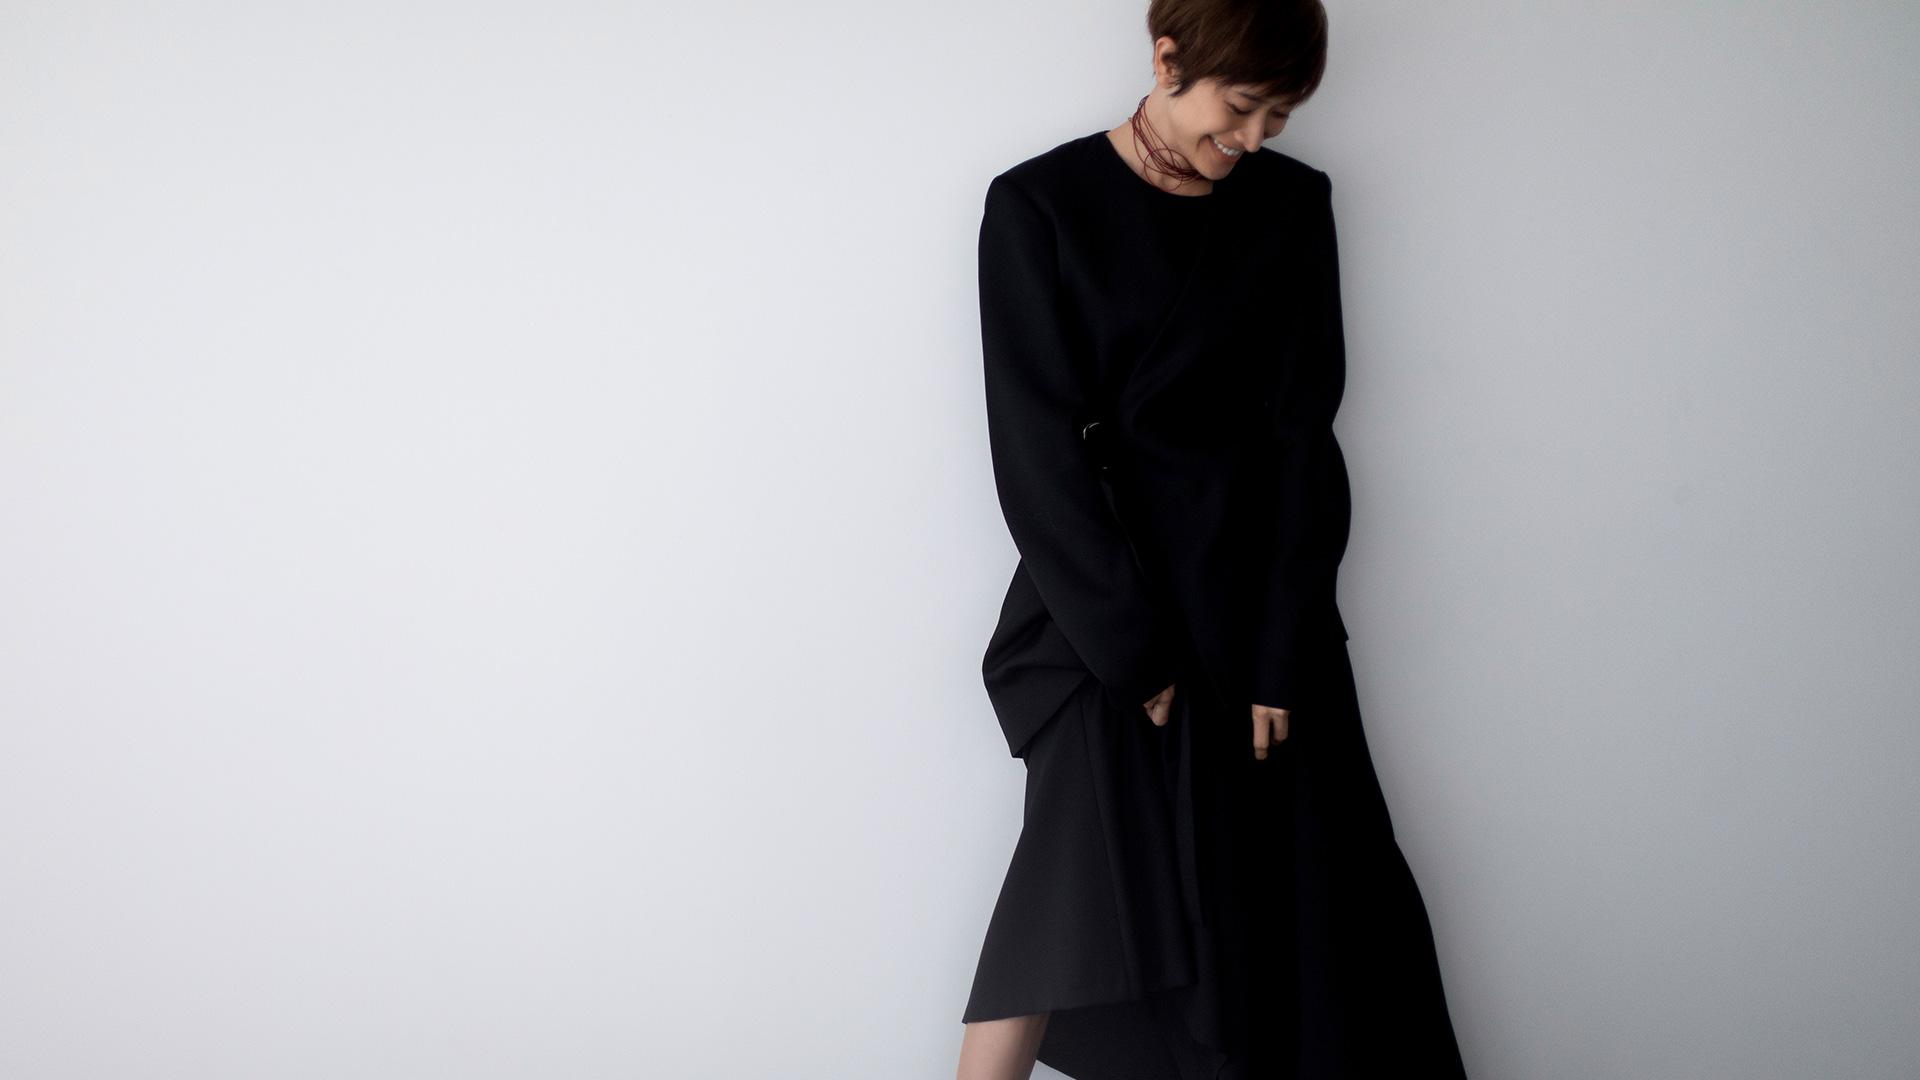 山田優 オフィシャルホームページ - Yu Yamada Official Web Site.